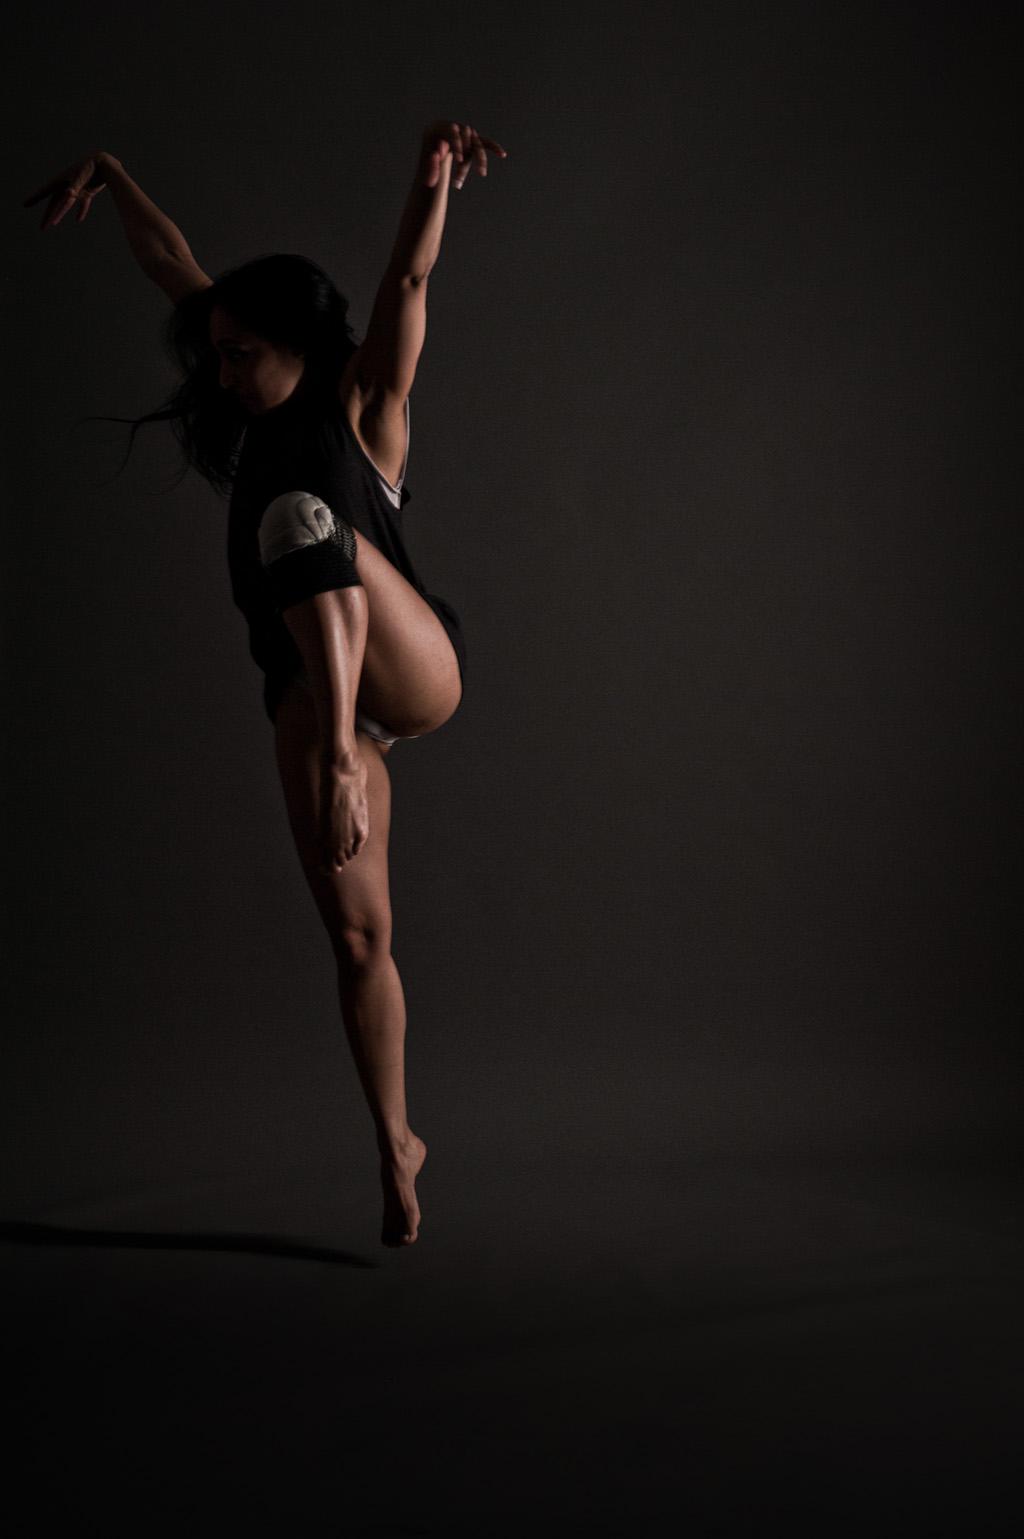 Tänzerportrait Tanzfotografie